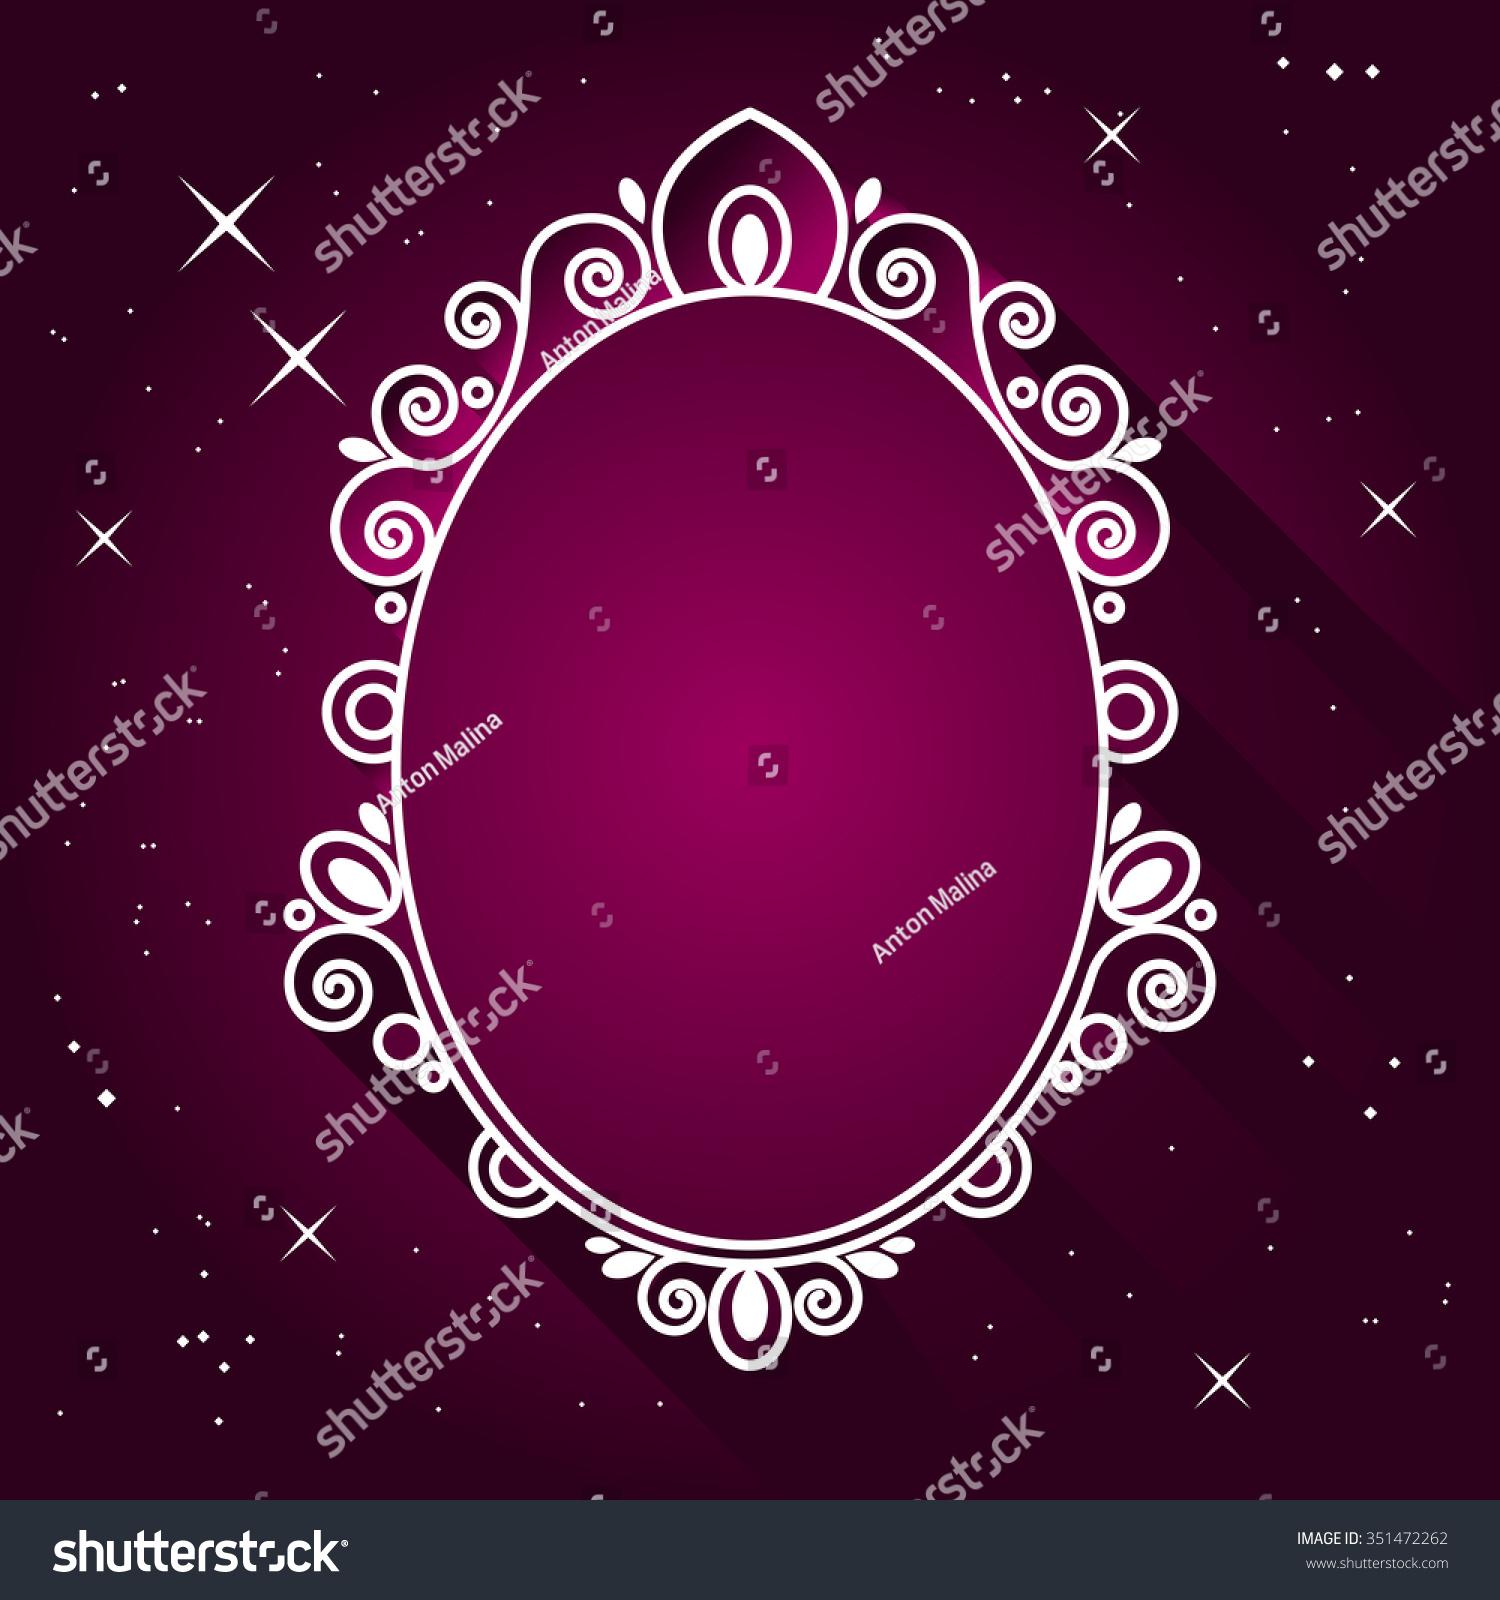 魔镜矢量插图.古典皇家椭圆形的框架.时尚背景